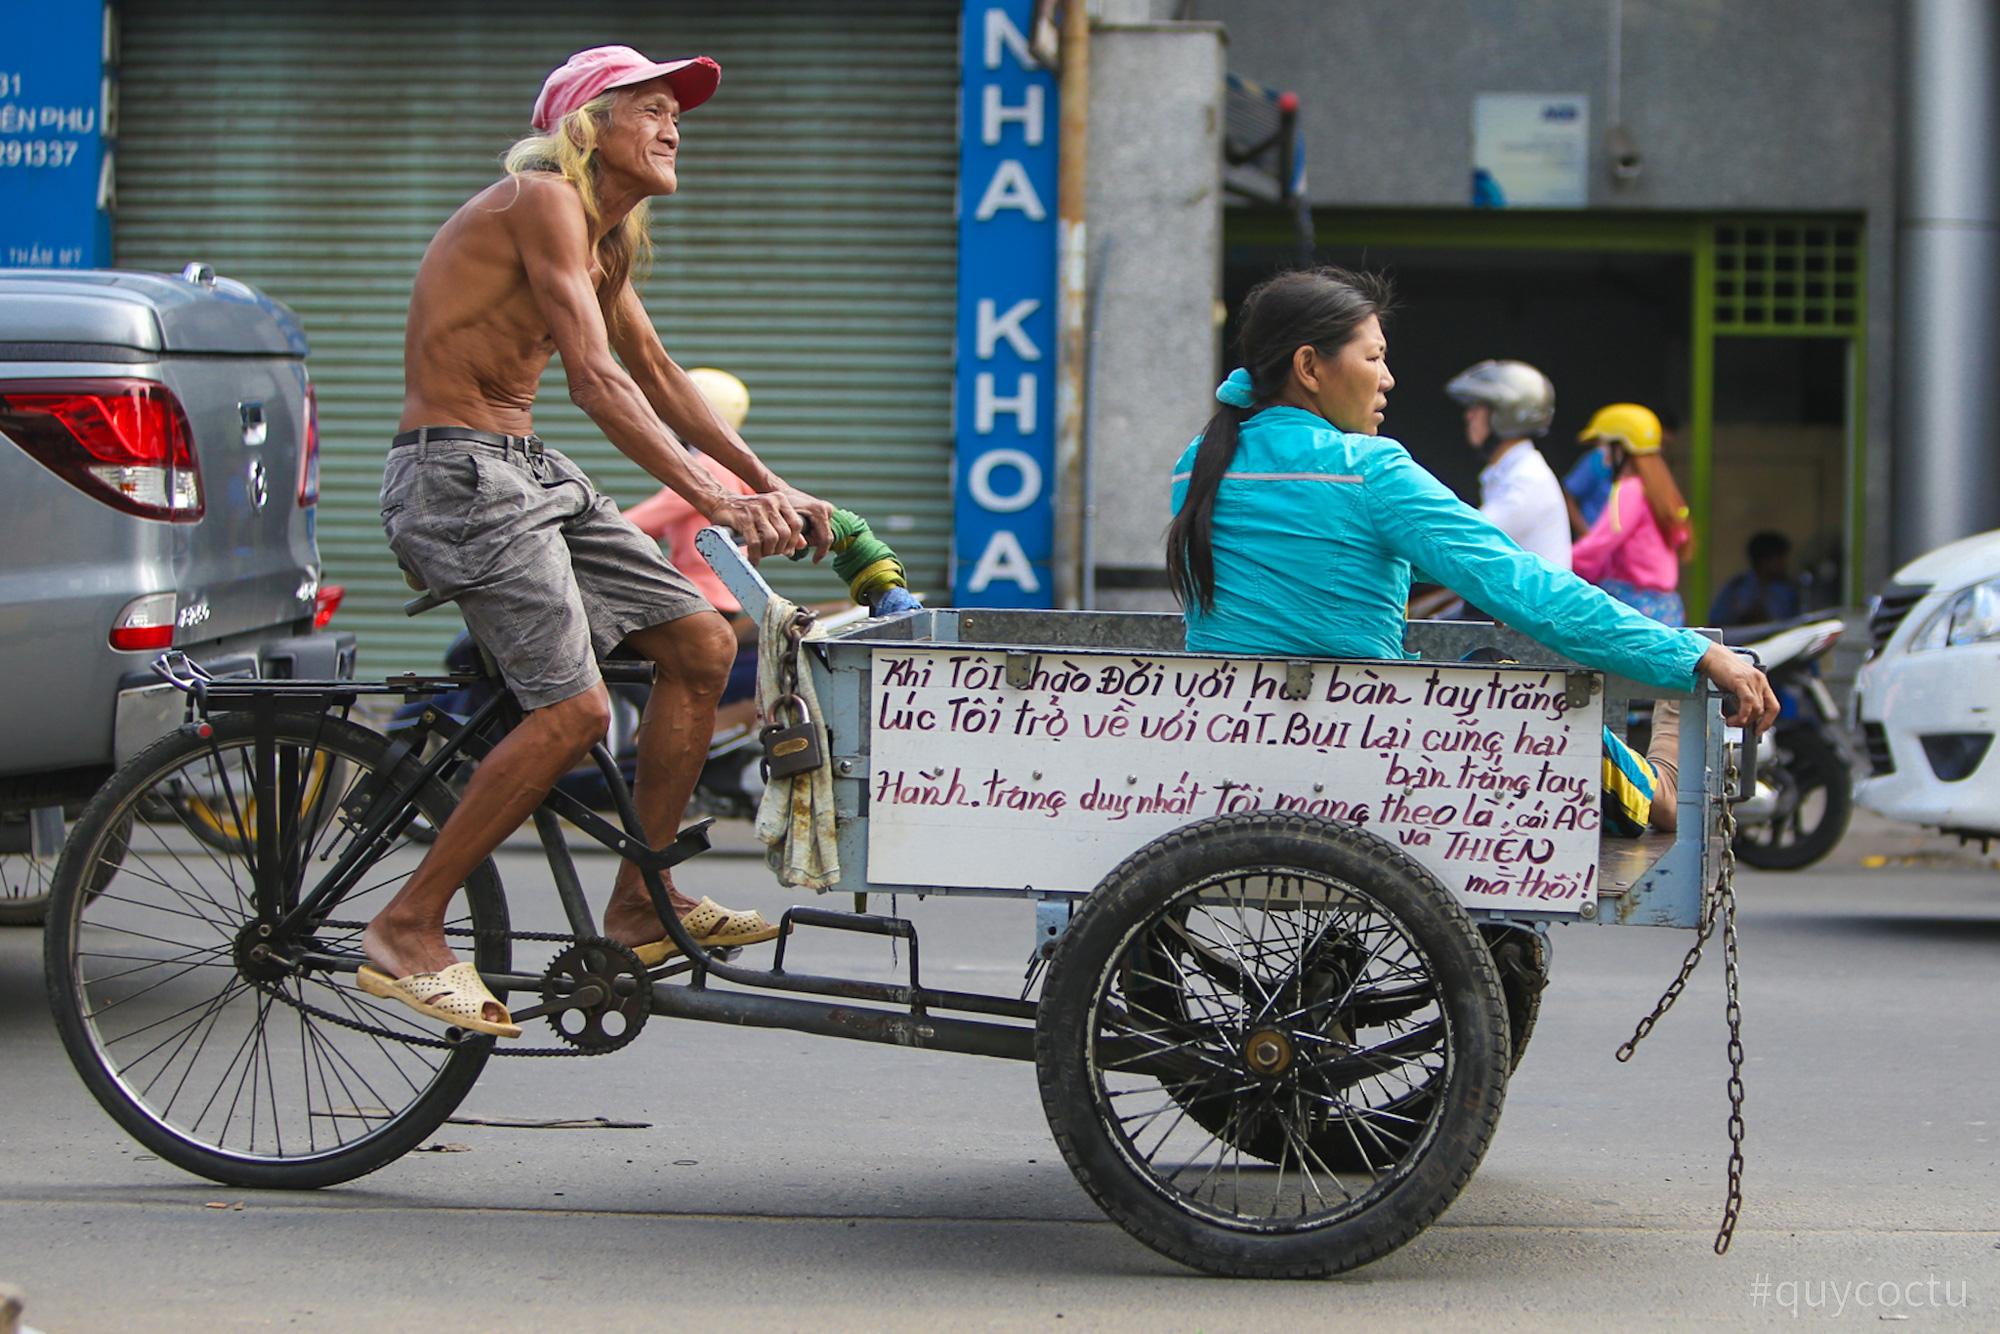 Dạo quanh TP Hồ Chí Minh cùng bloger du lịch nổi tiếng - Ảnh 12.